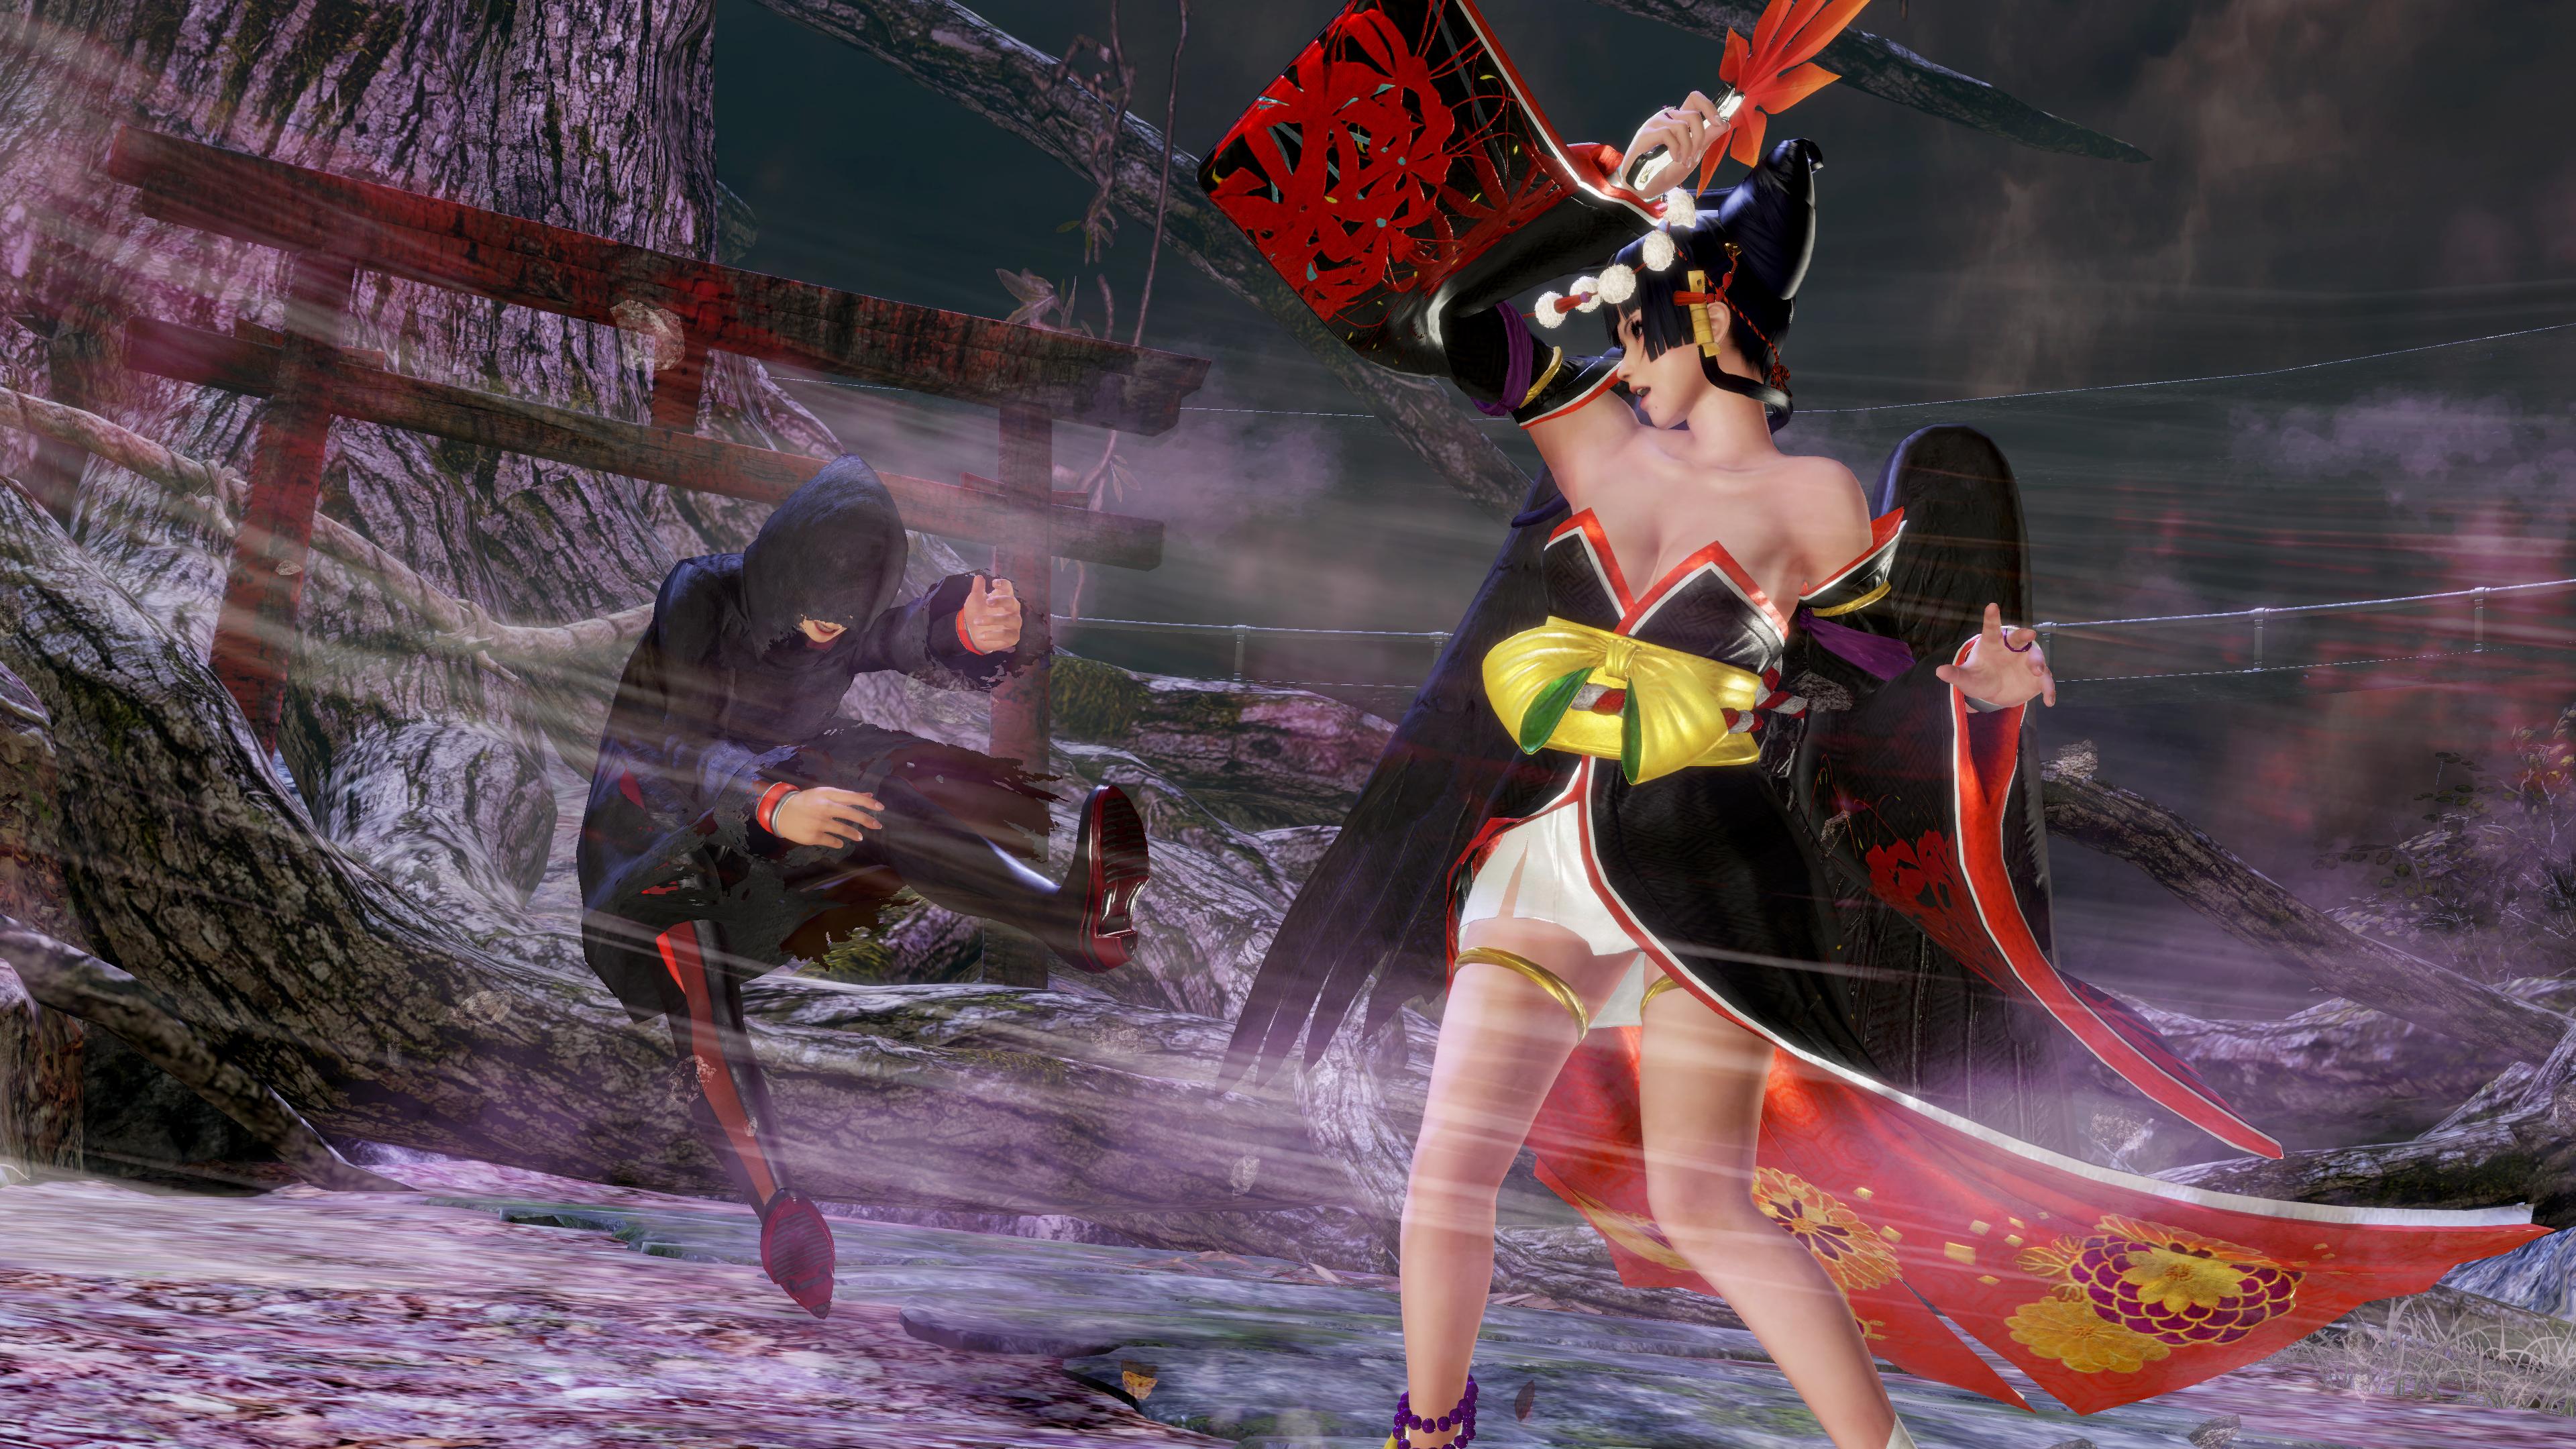 Nyotengu_Fight_01